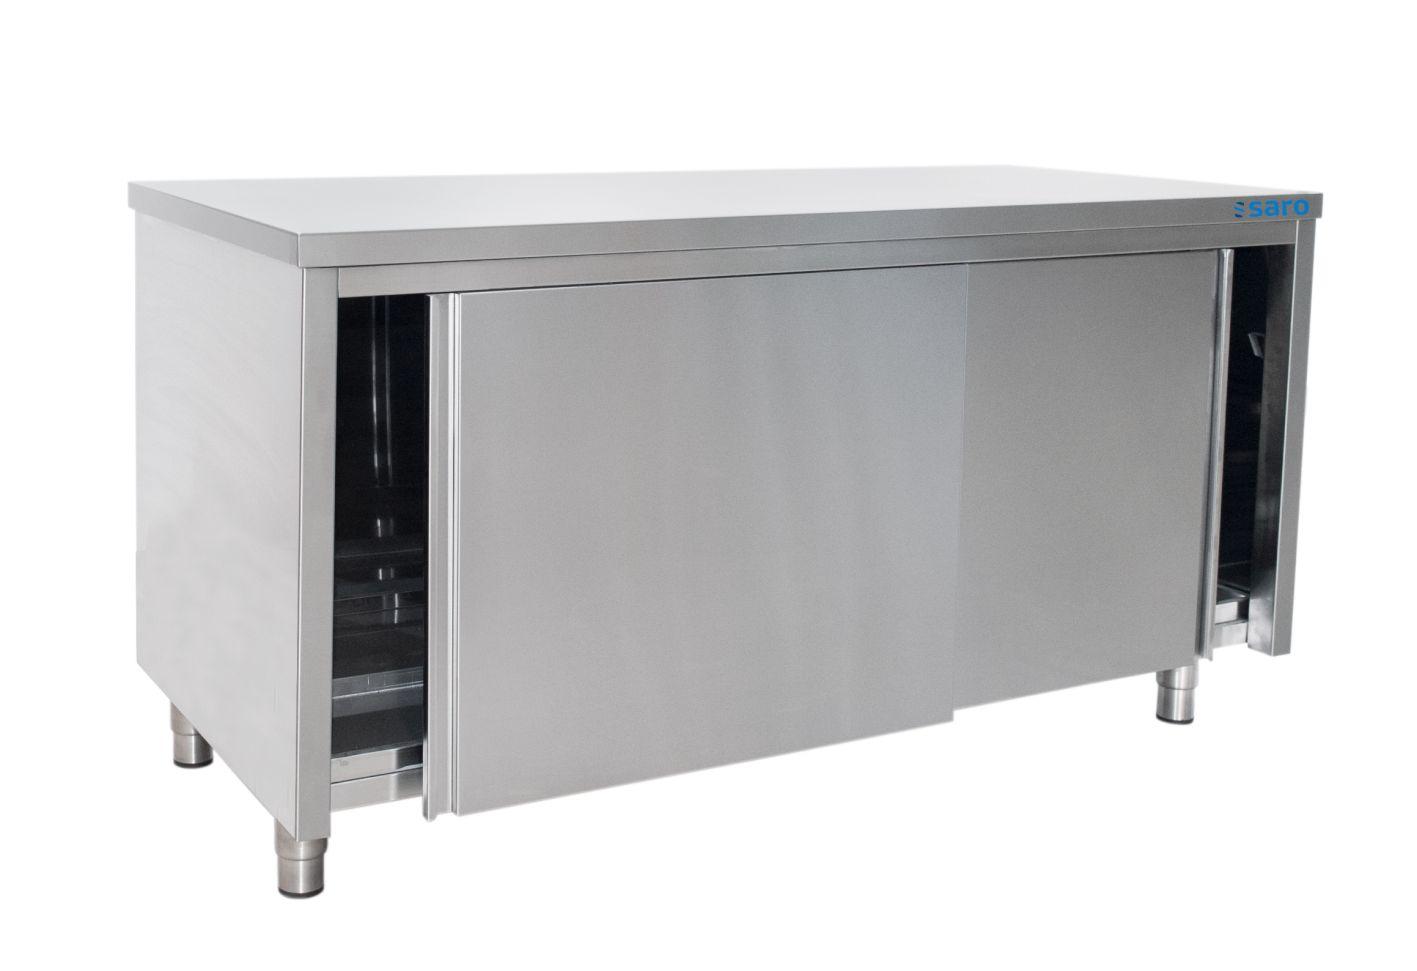 Stainless Steel Cabinet Sliding Door